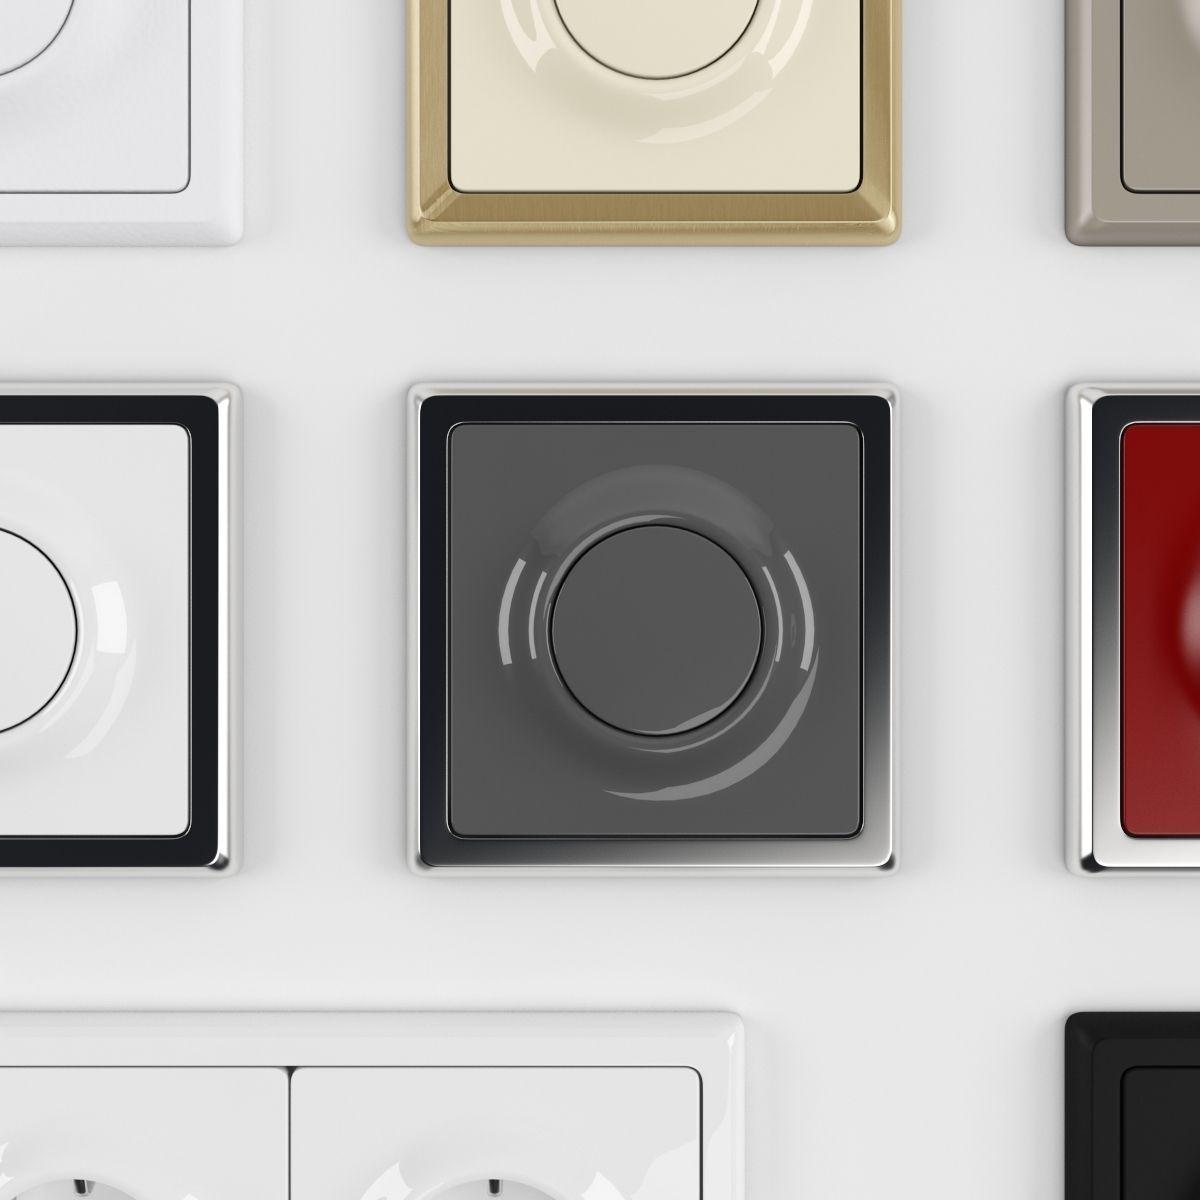 busch jaeger impuls 3d model max obj fbx. Black Bedroom Furniture Sets. Home Design Ideas